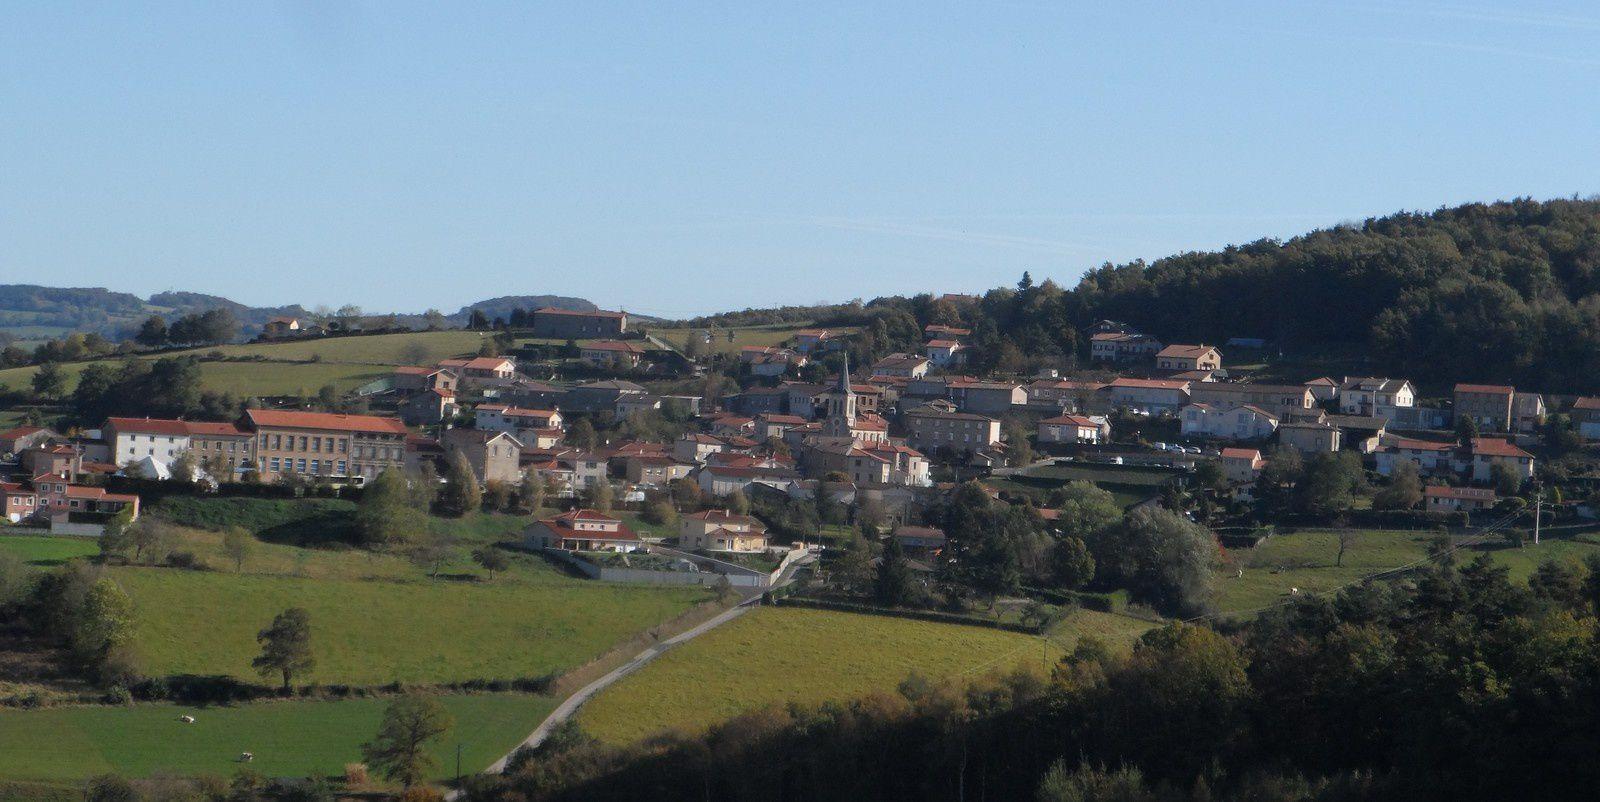 """Sur un chemin en balcon nous voyons le village de Grammond sur la droite. Chevrières, Aveizieux et nous voilà revenu à notre point de départ. Encore quelques modifications à apporter au parcours et ce sera """"parfait""""."""